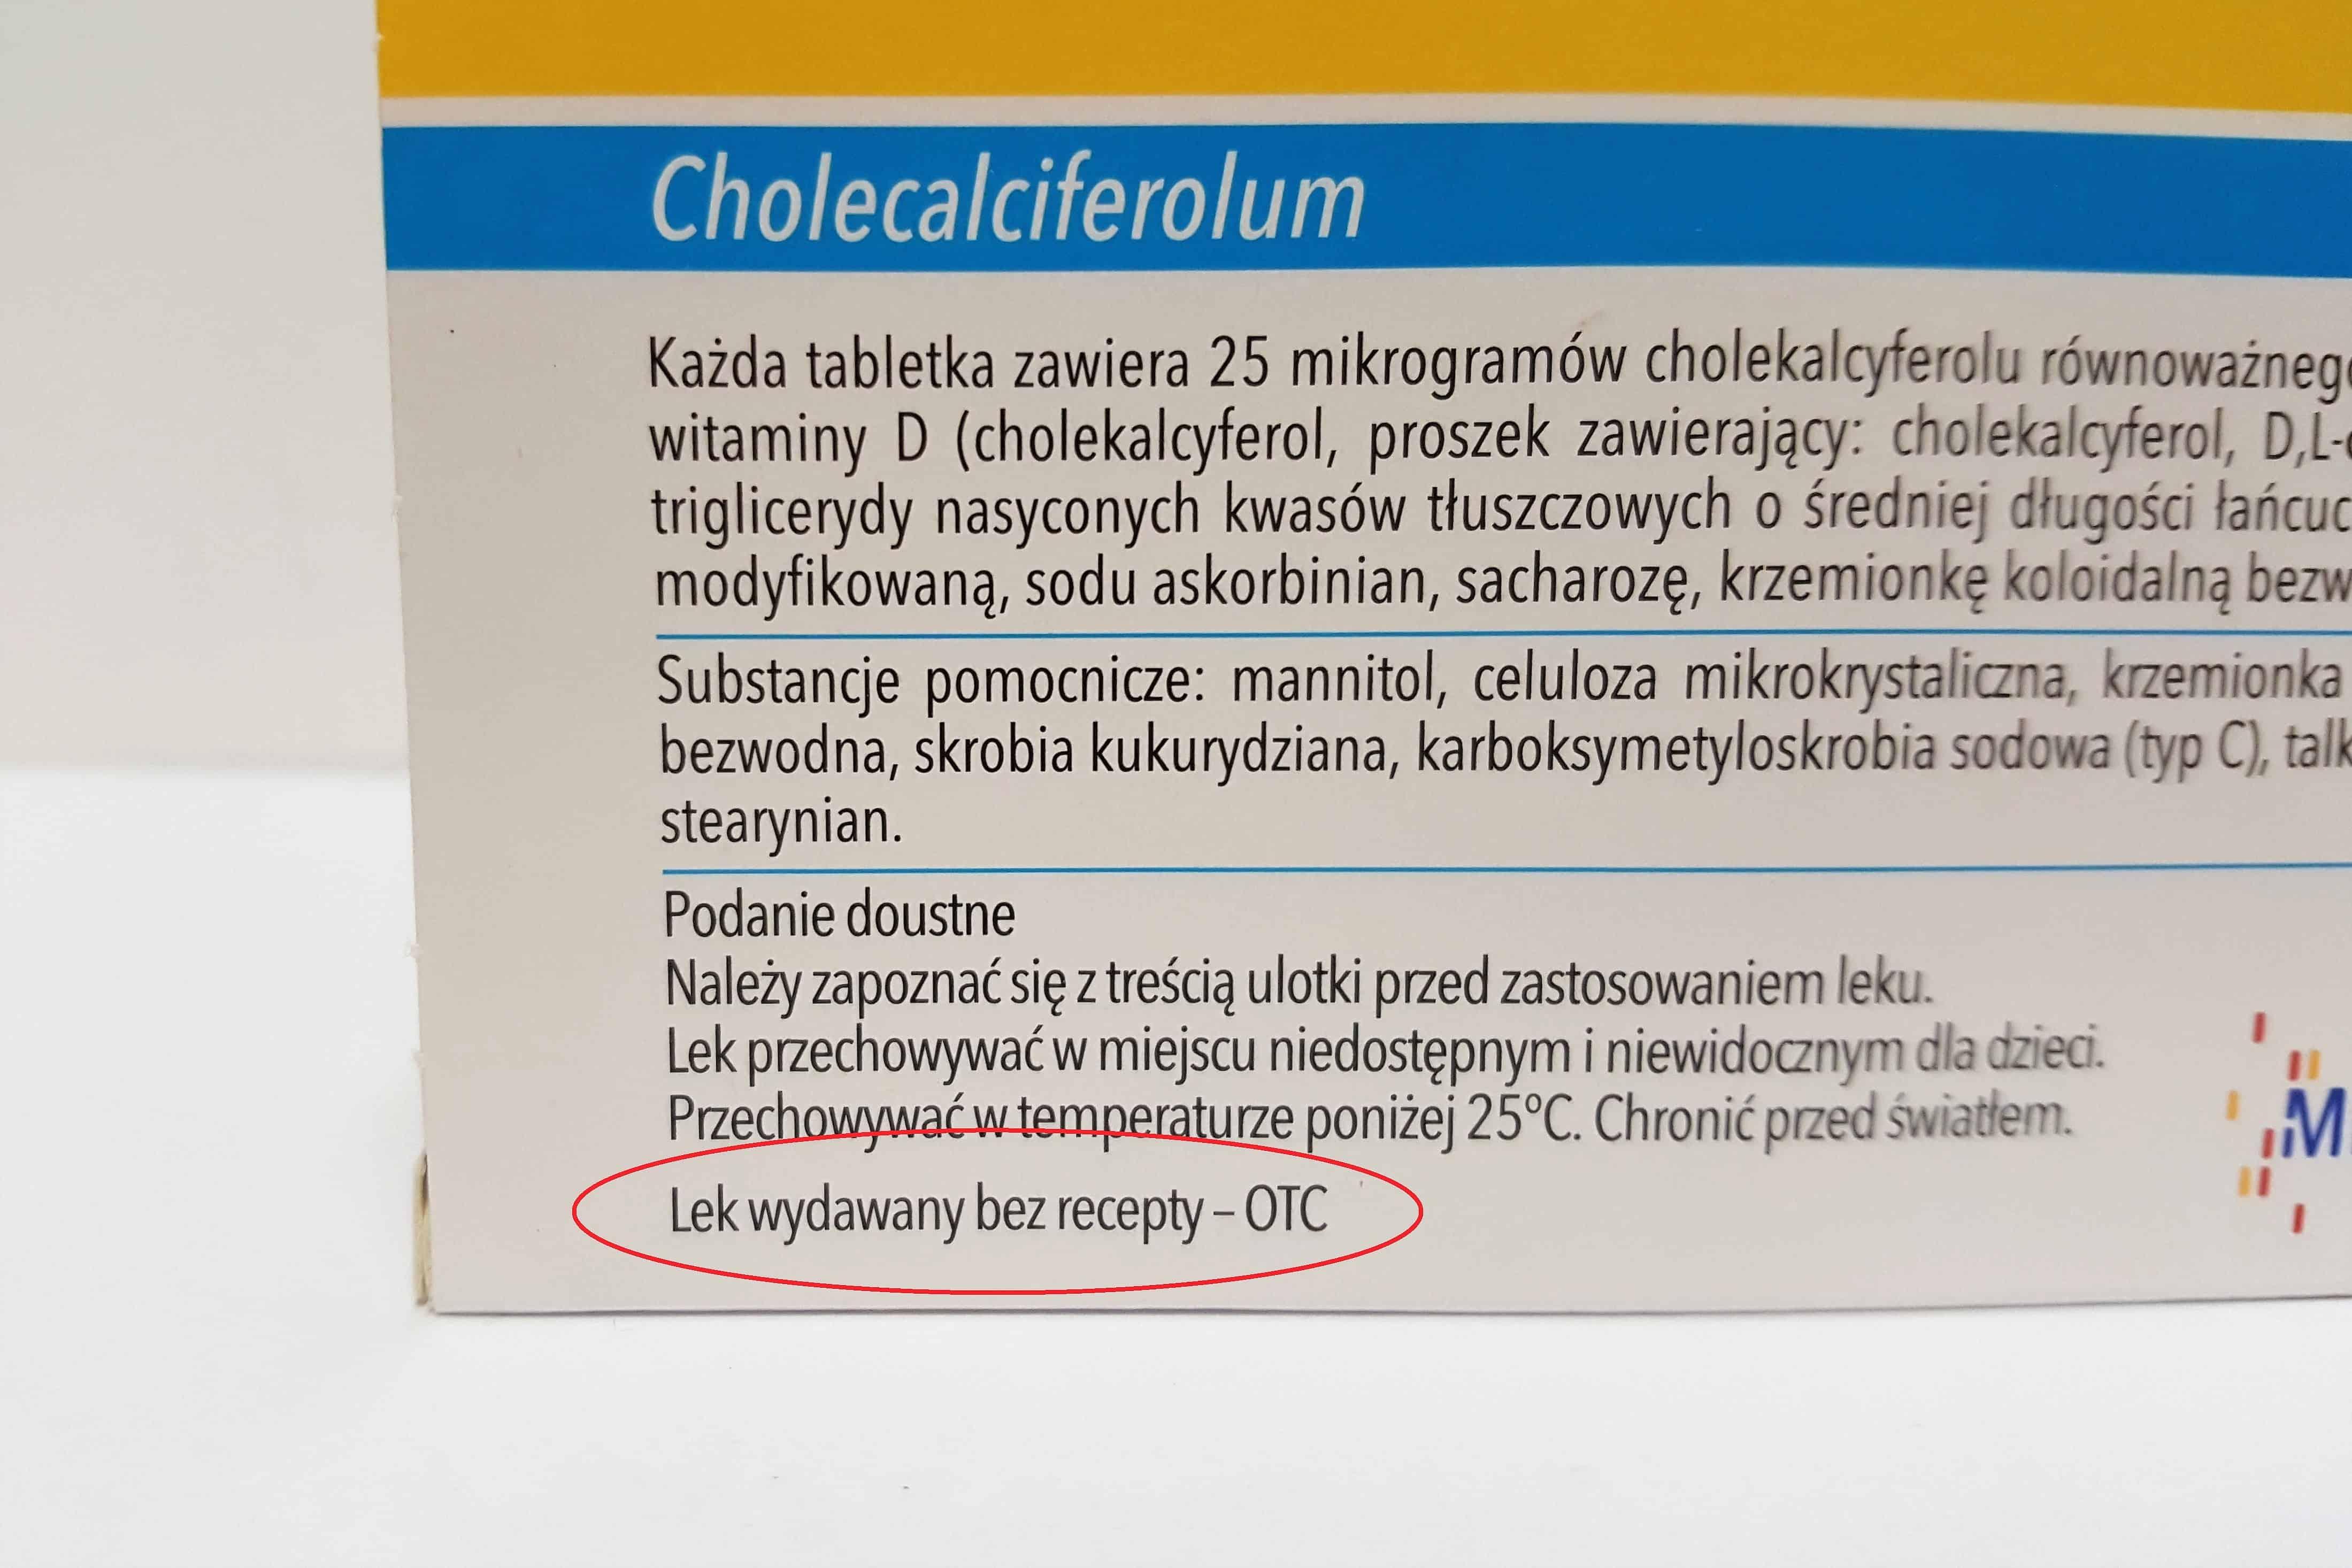 Vigantoletten lek wydawany bezrecepty - OTC Matka Aptekarka